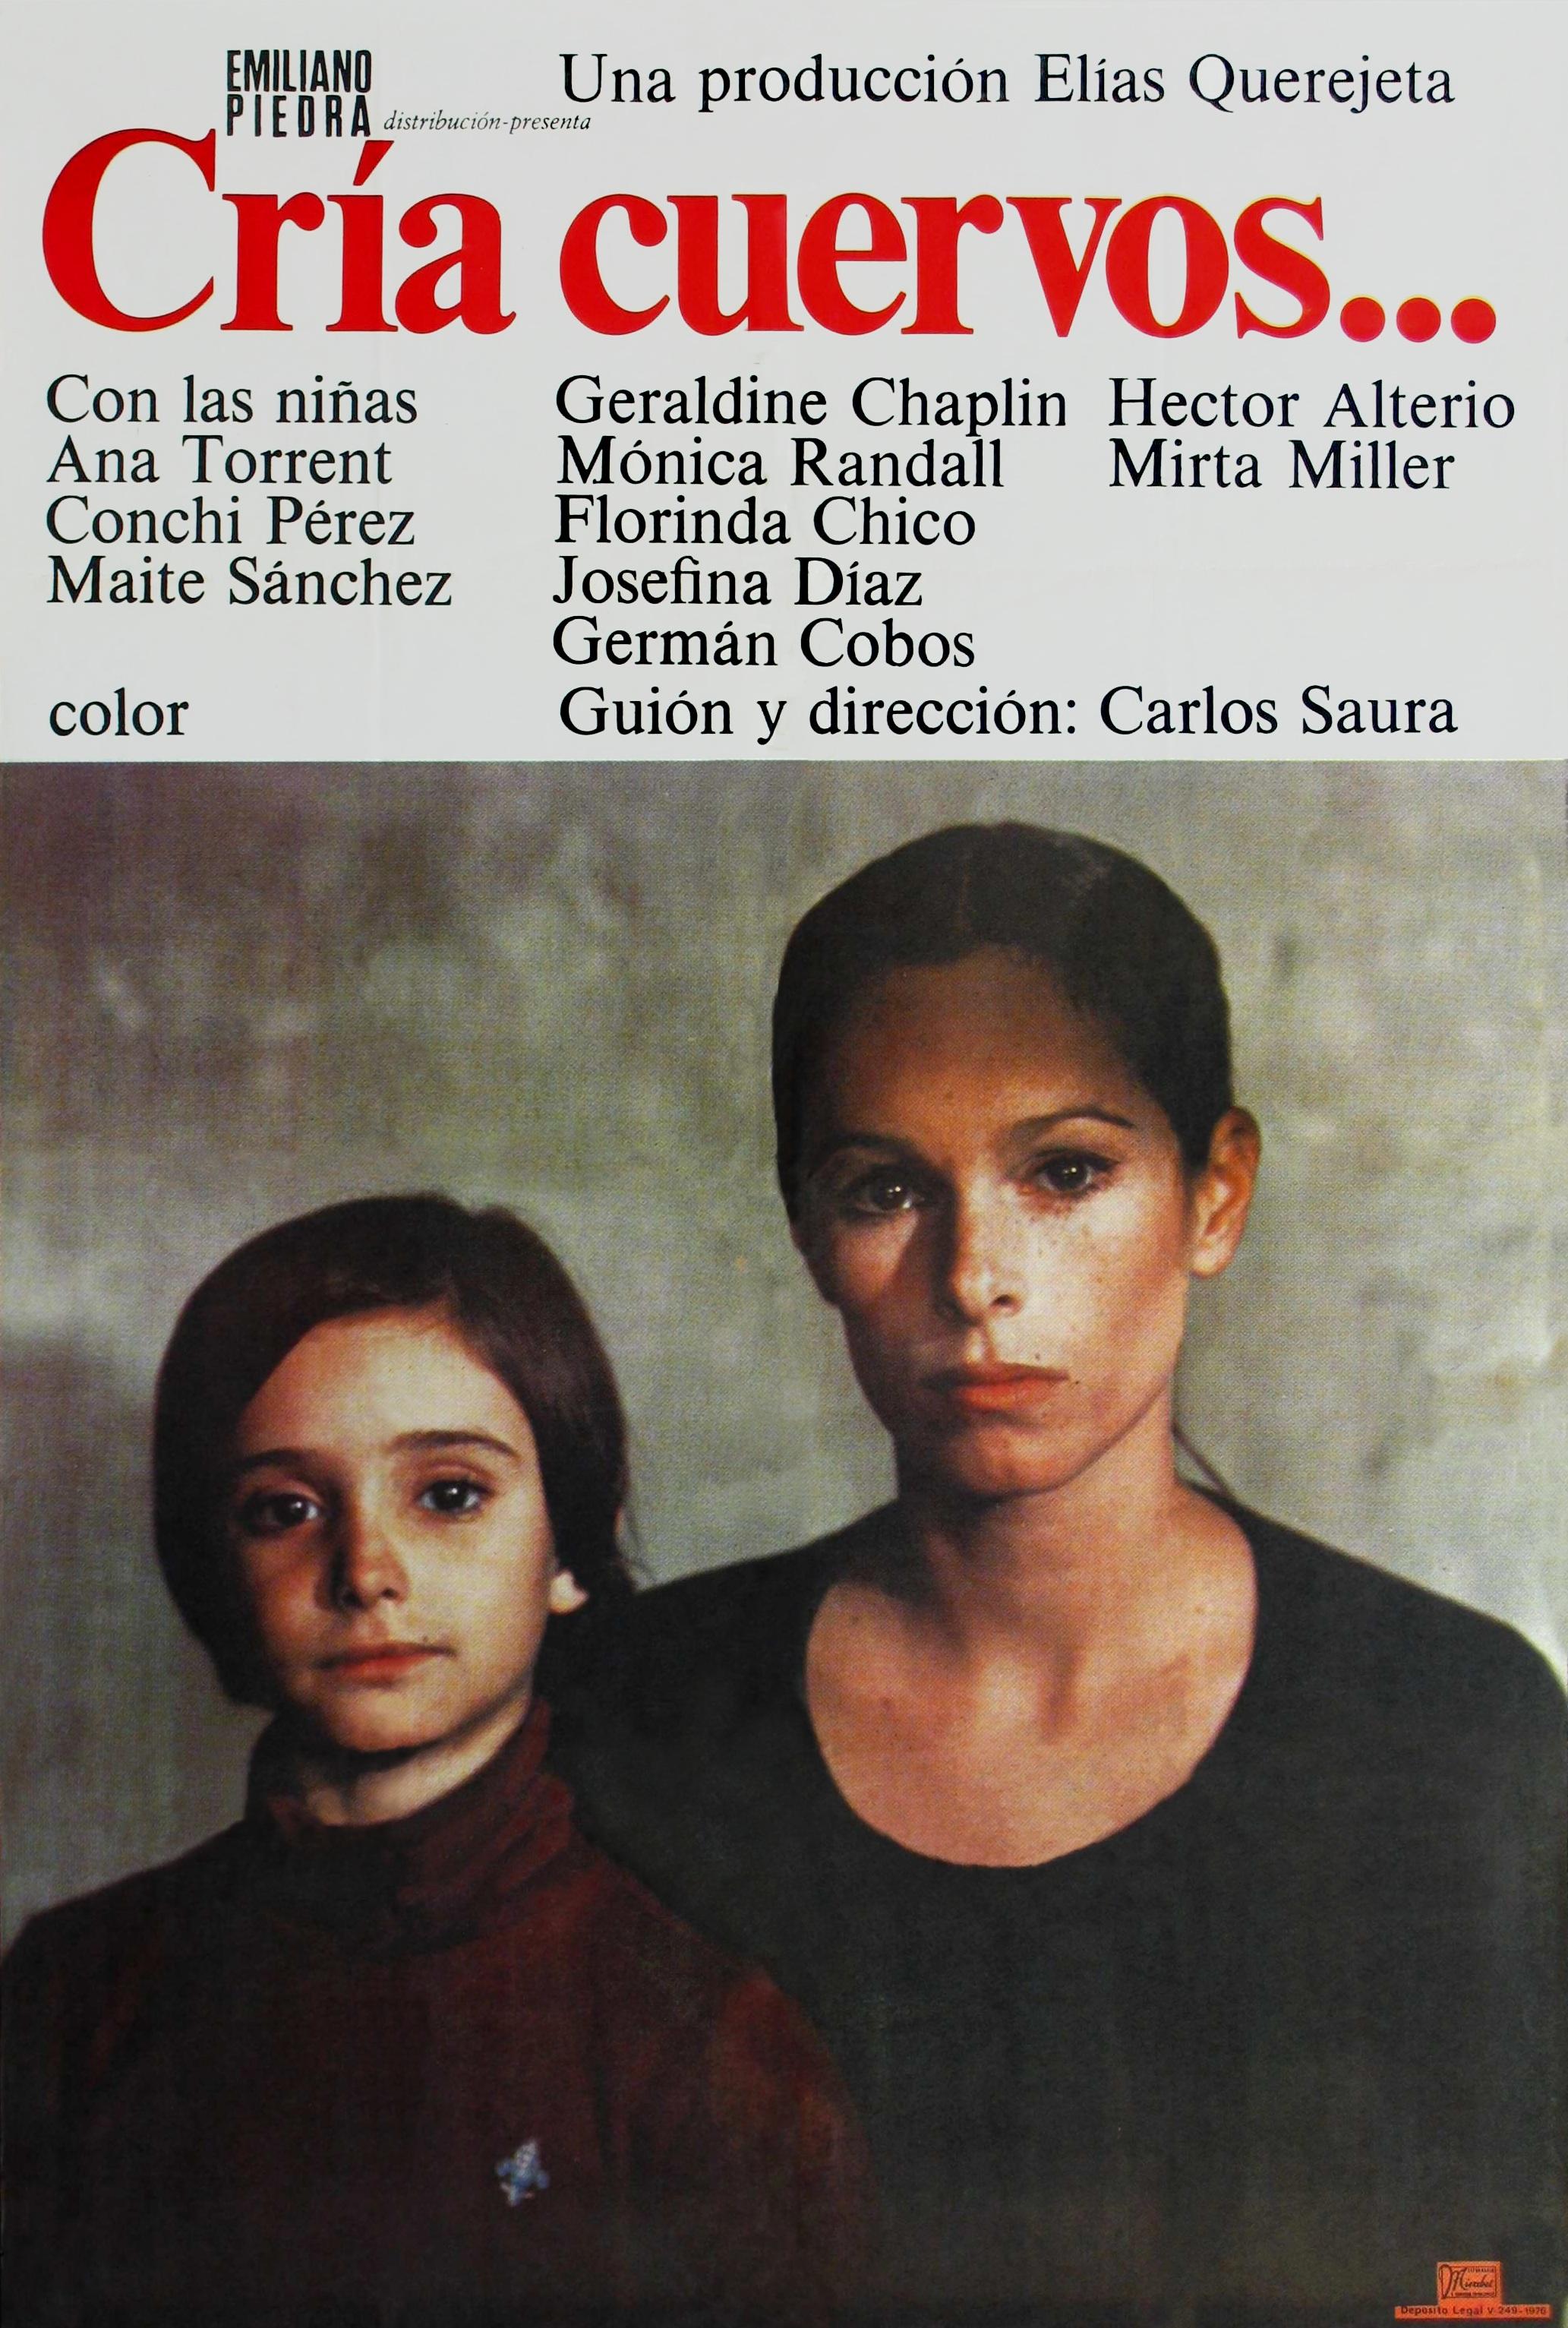 Cría cuervos (1976)